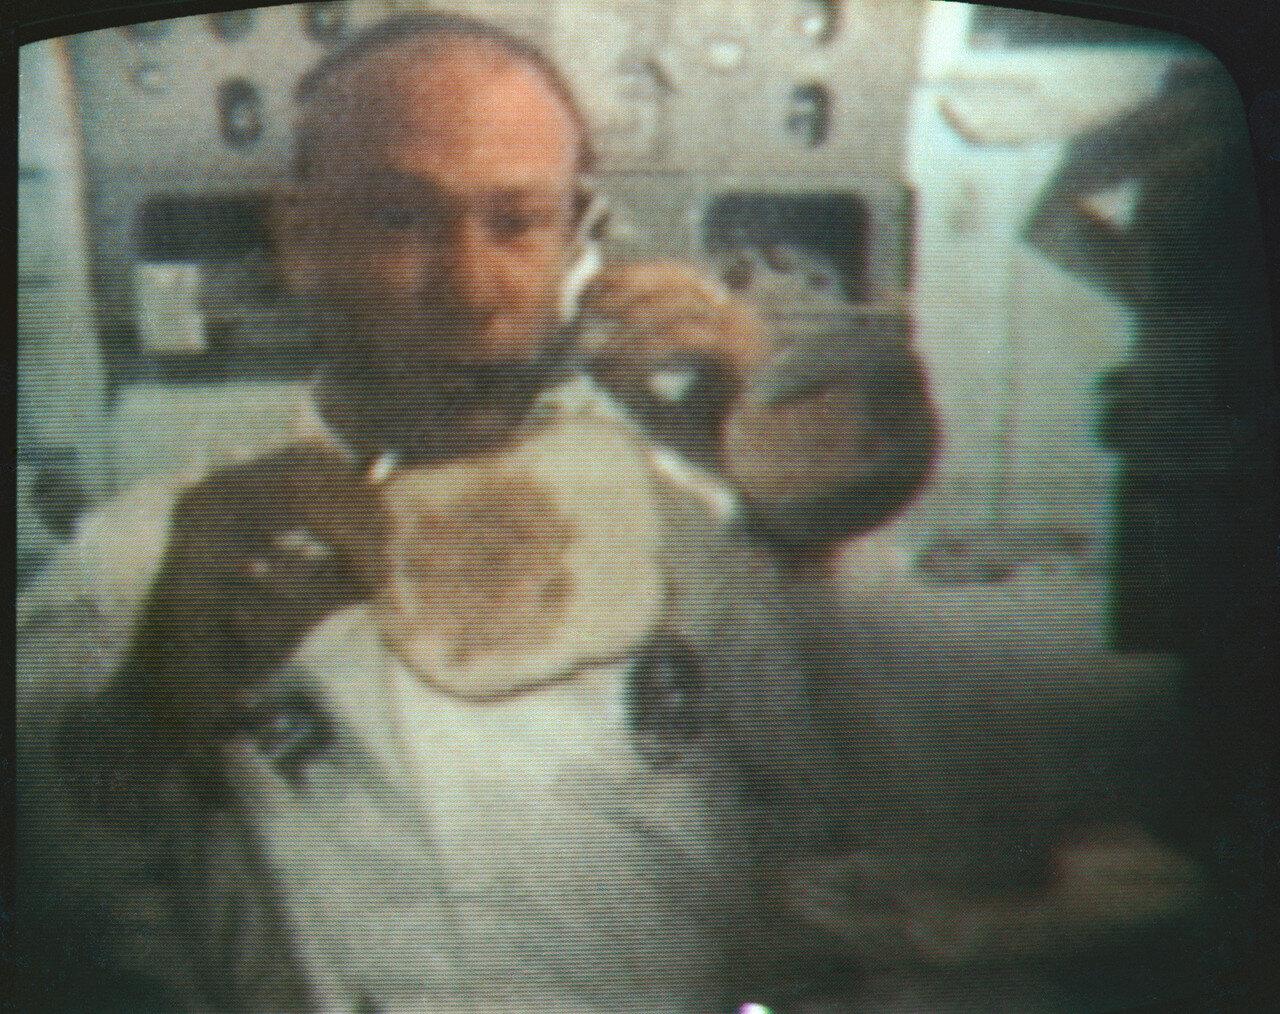 На седьмой день полёта, 22 июля, астронавты провели телетрансляцию.  Олдрин рассказал о продуктах, которые астронавты употребляют в пищу, показал, как они намазывают пасту из ветчины на кусок хлеба. На снимке: Эдвин Олдрин во время прямой телетрансляции